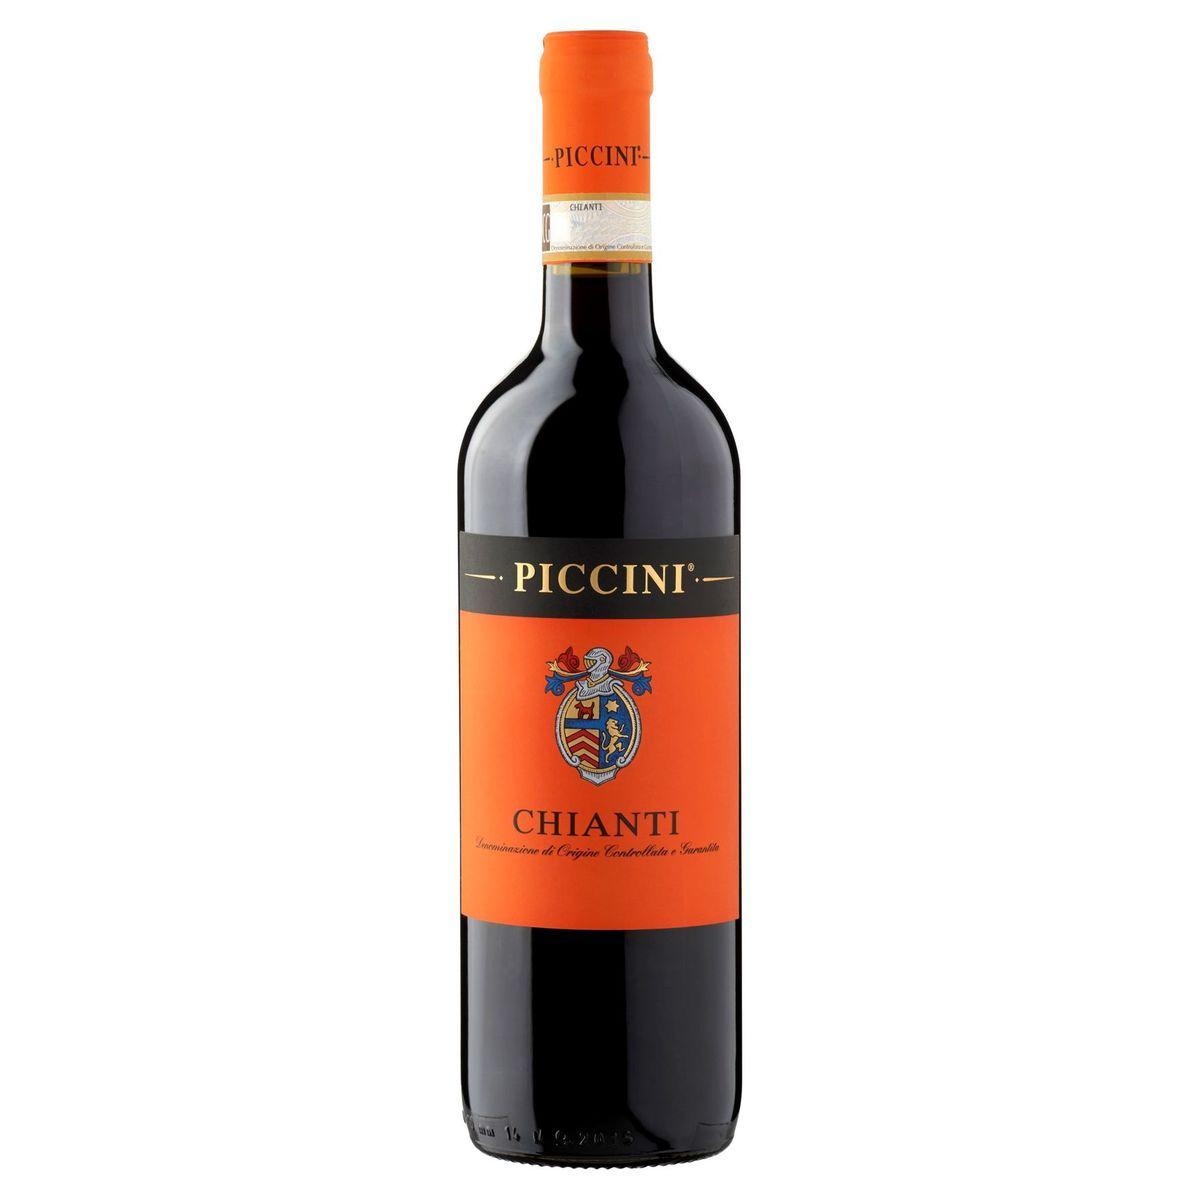 Piccini Chianti 750 ml